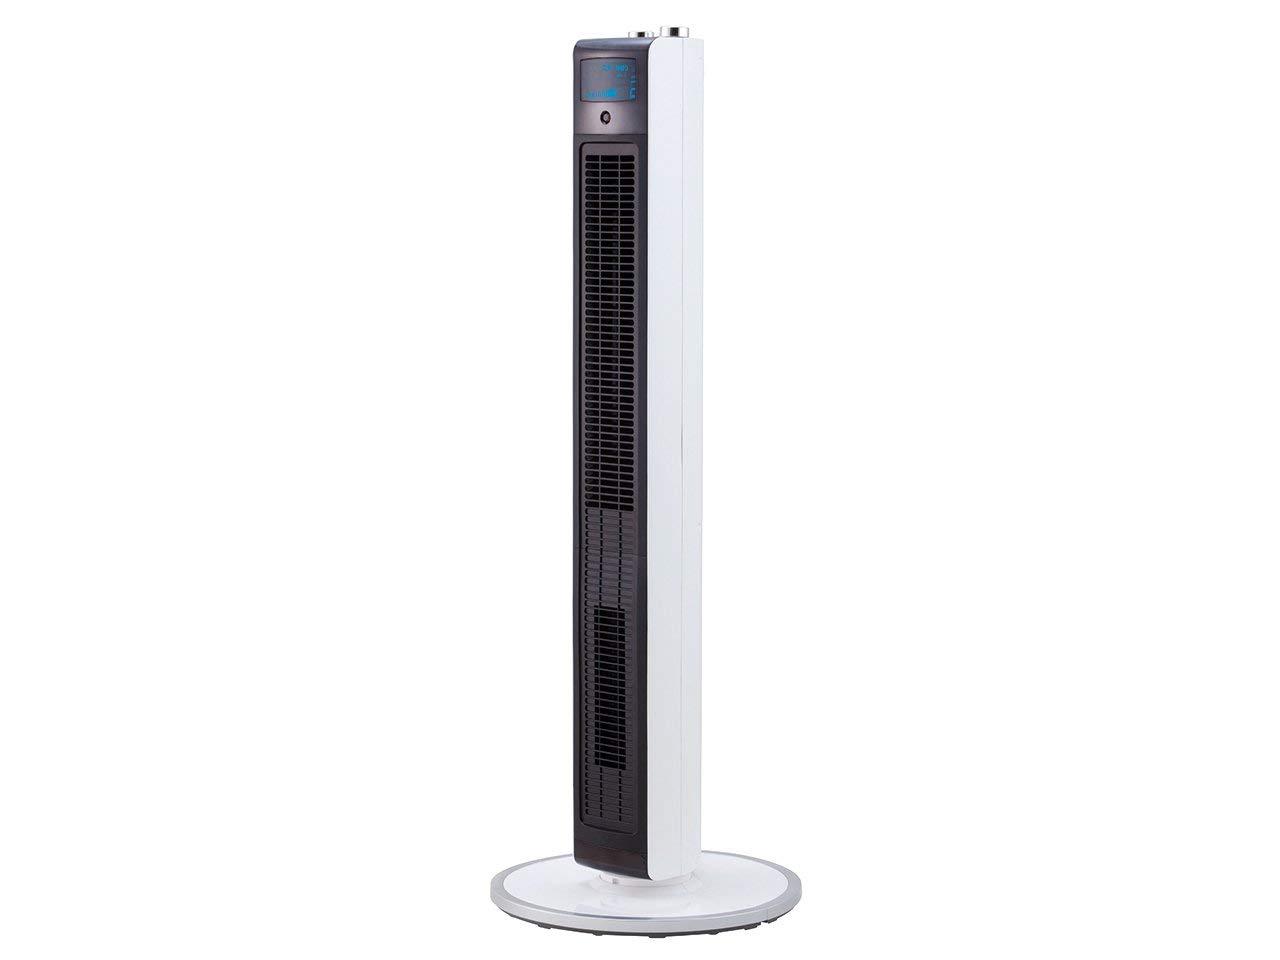 【新品】【送料無料】コイズミ 扇風機 ホット&クール ハイタワーファン ホワイト KHF-1281/W 【大型家電-代引不可-キャセル不可-返品不可】